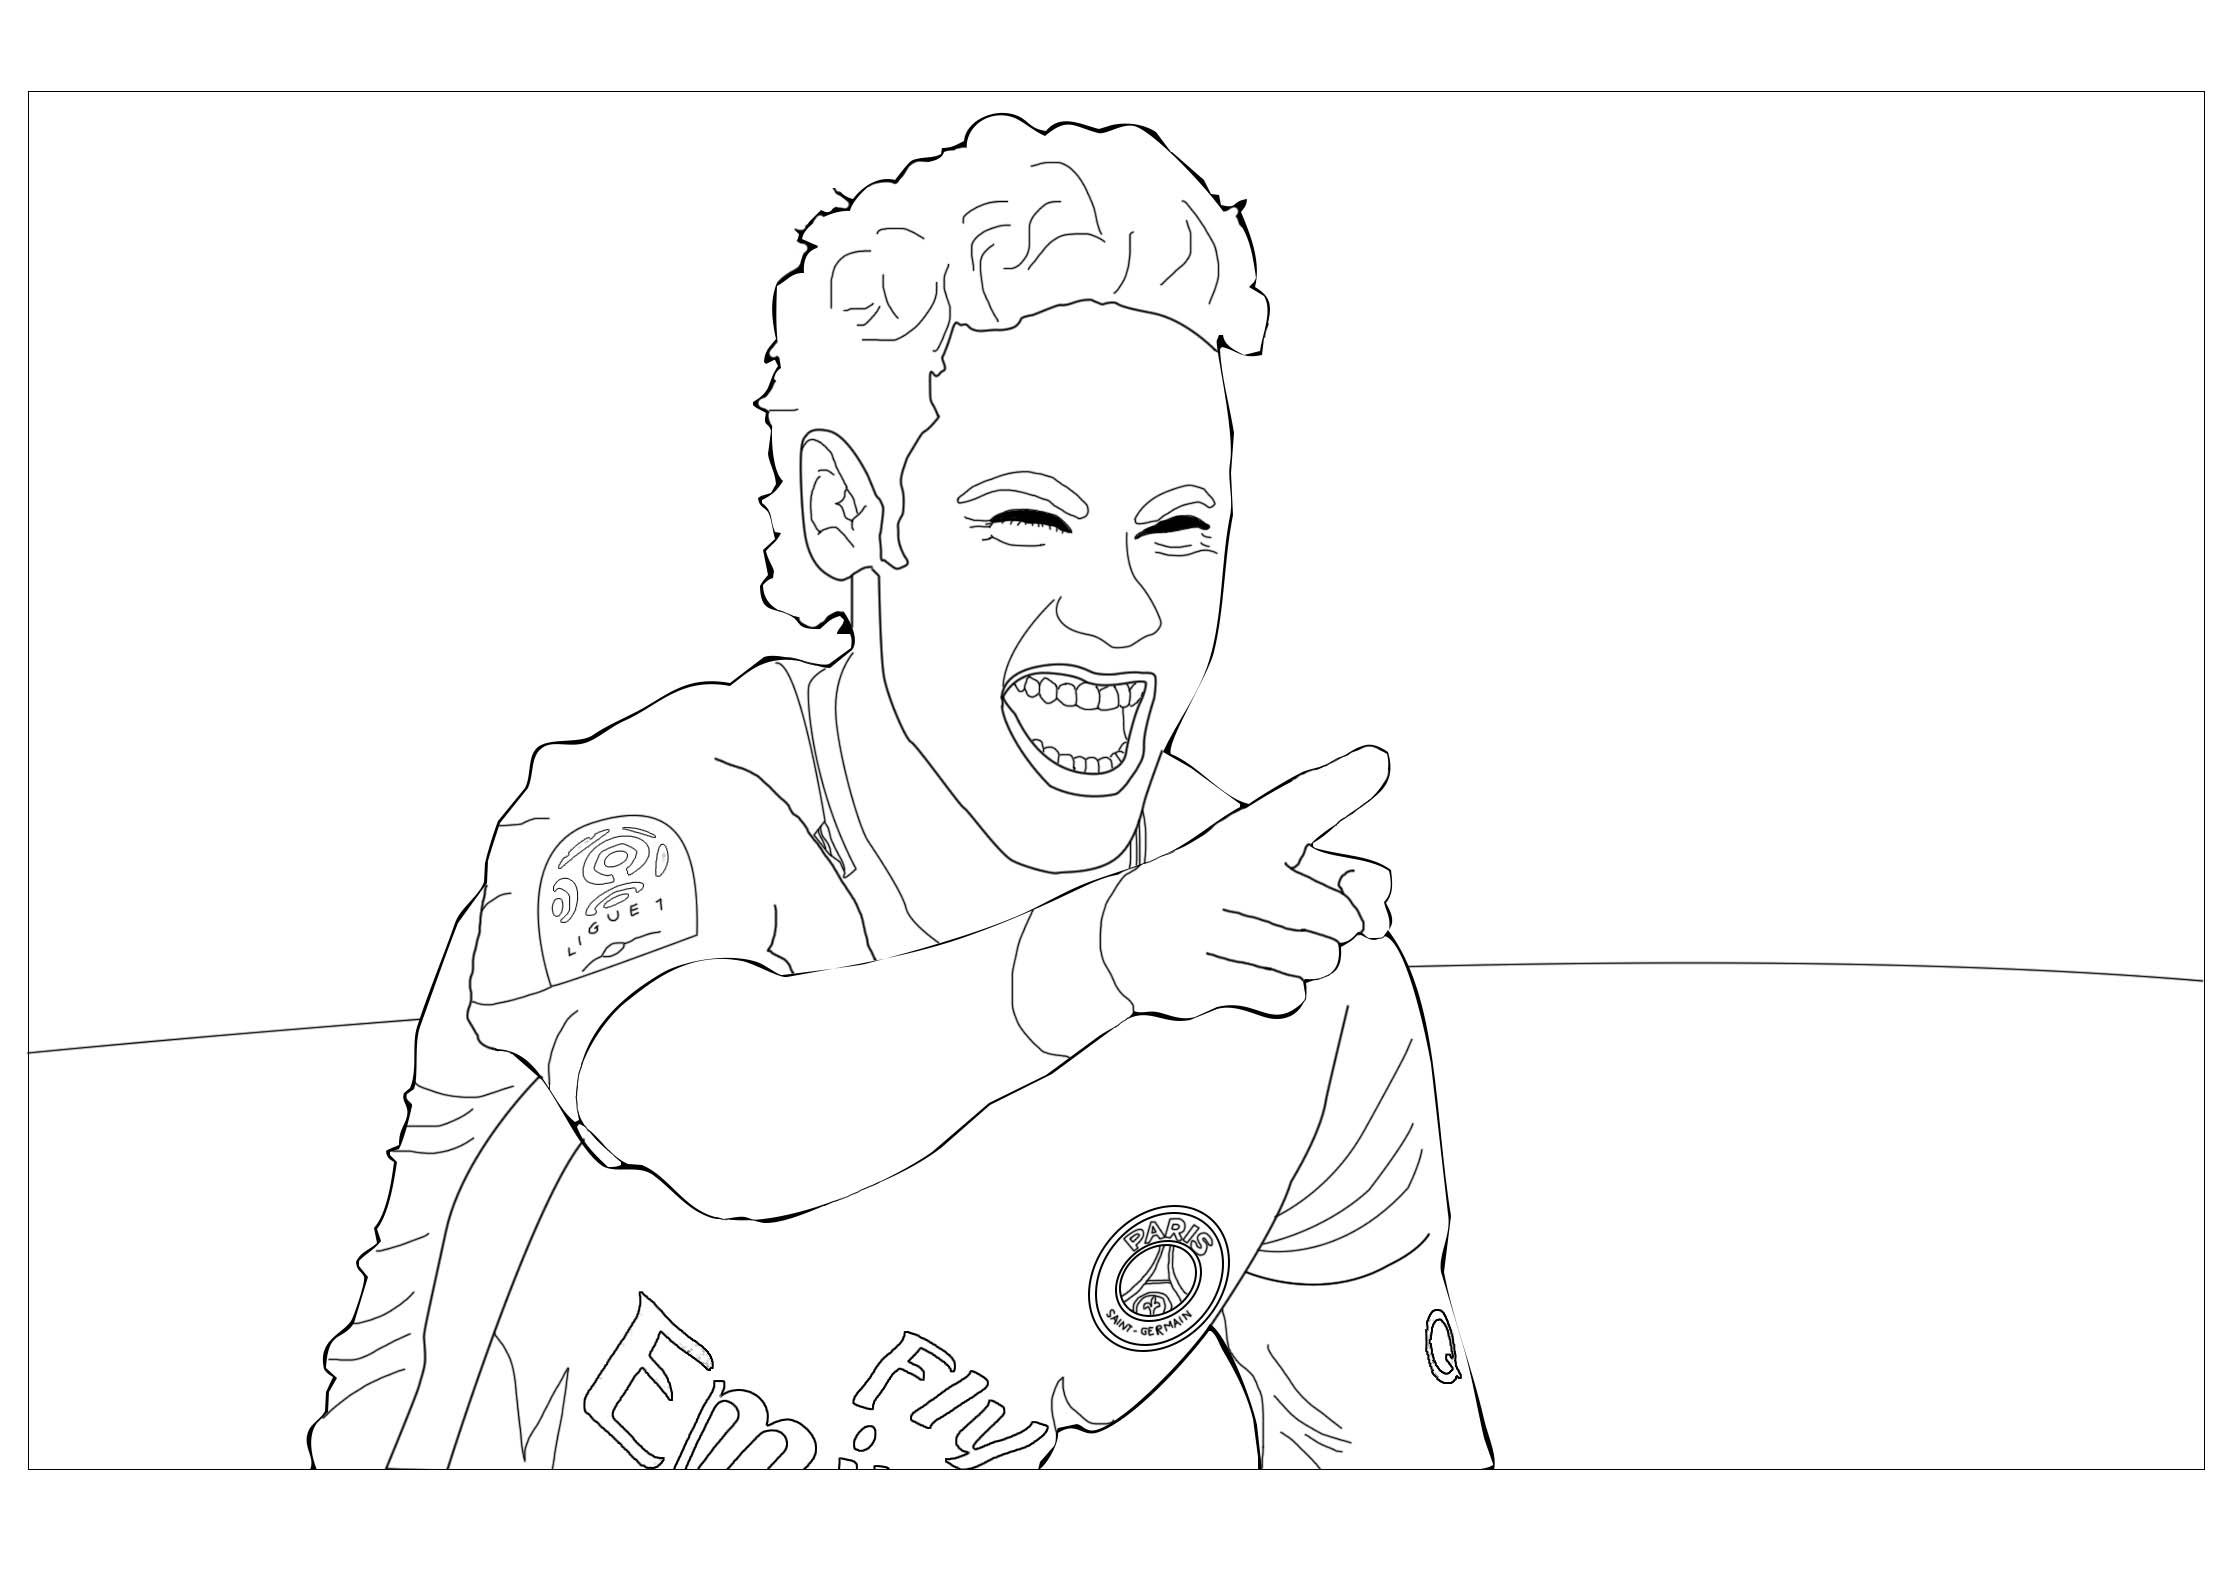 Coloriages à imprimer  Football, numéro  32b32e